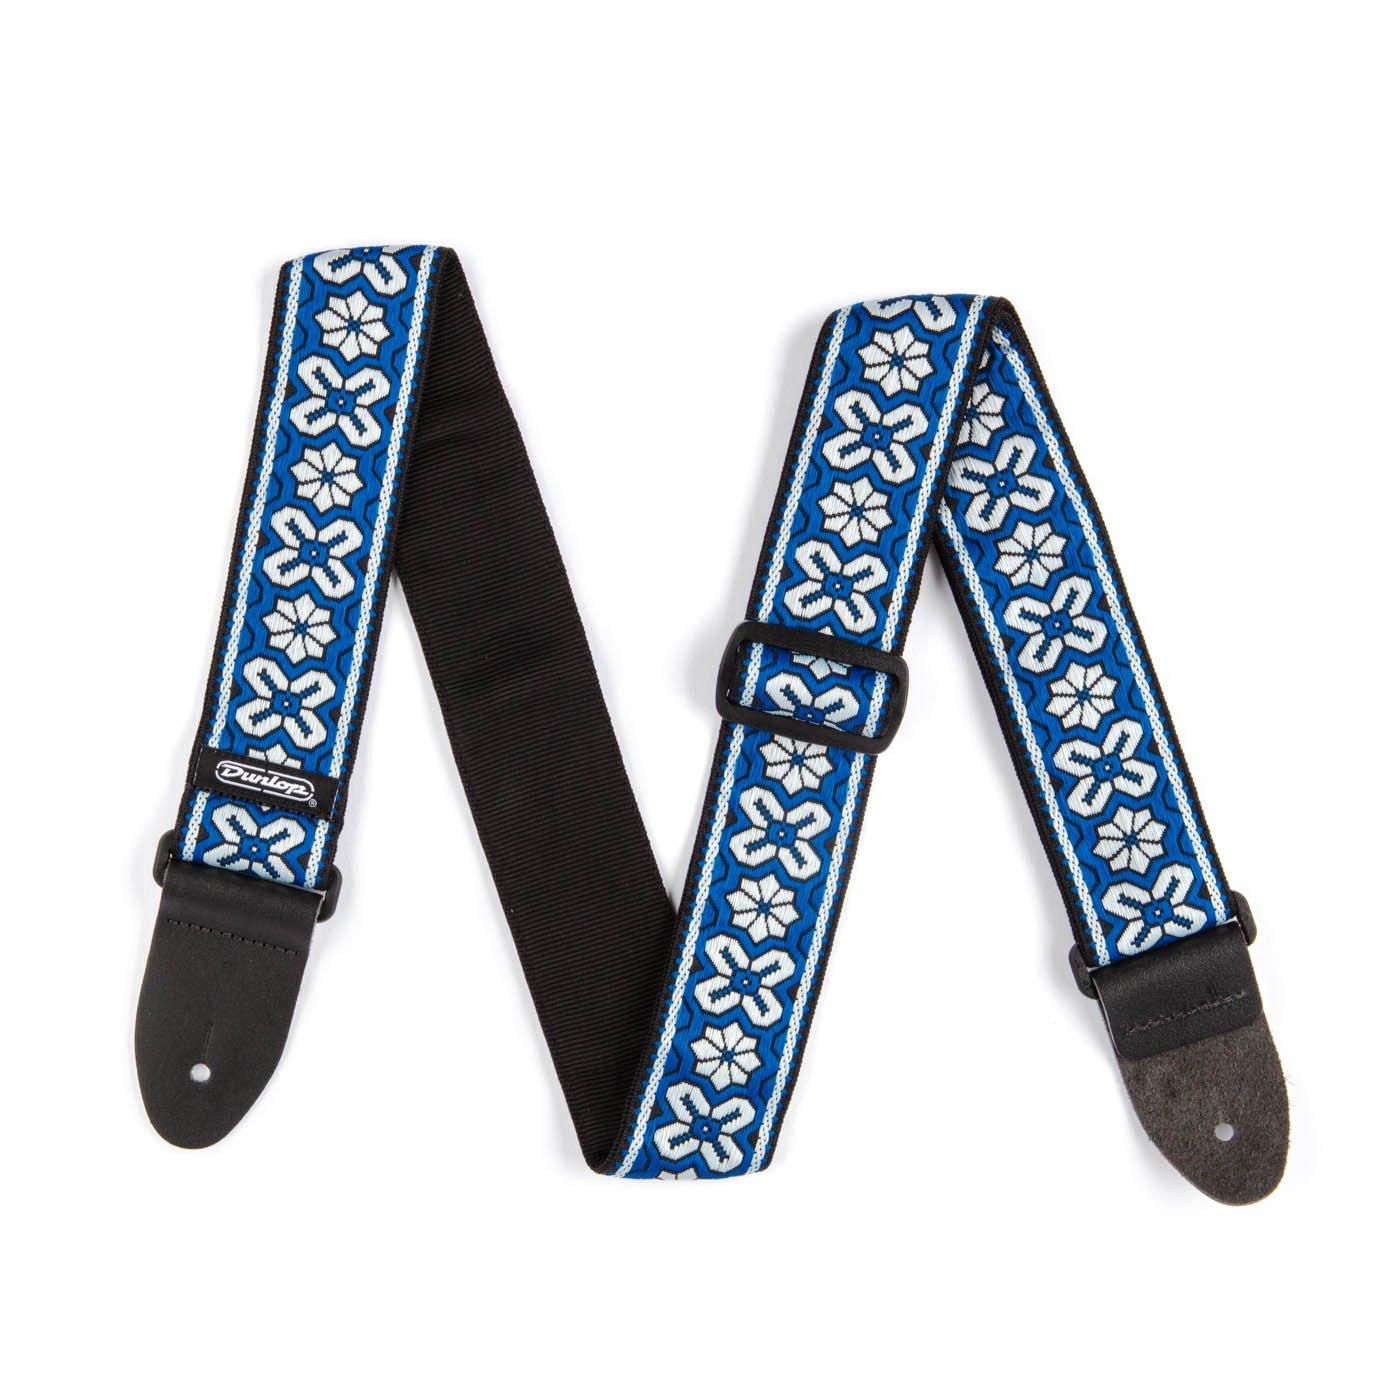 Dunlop D6703BL Avalon Blue Jacquard Guitar Strap